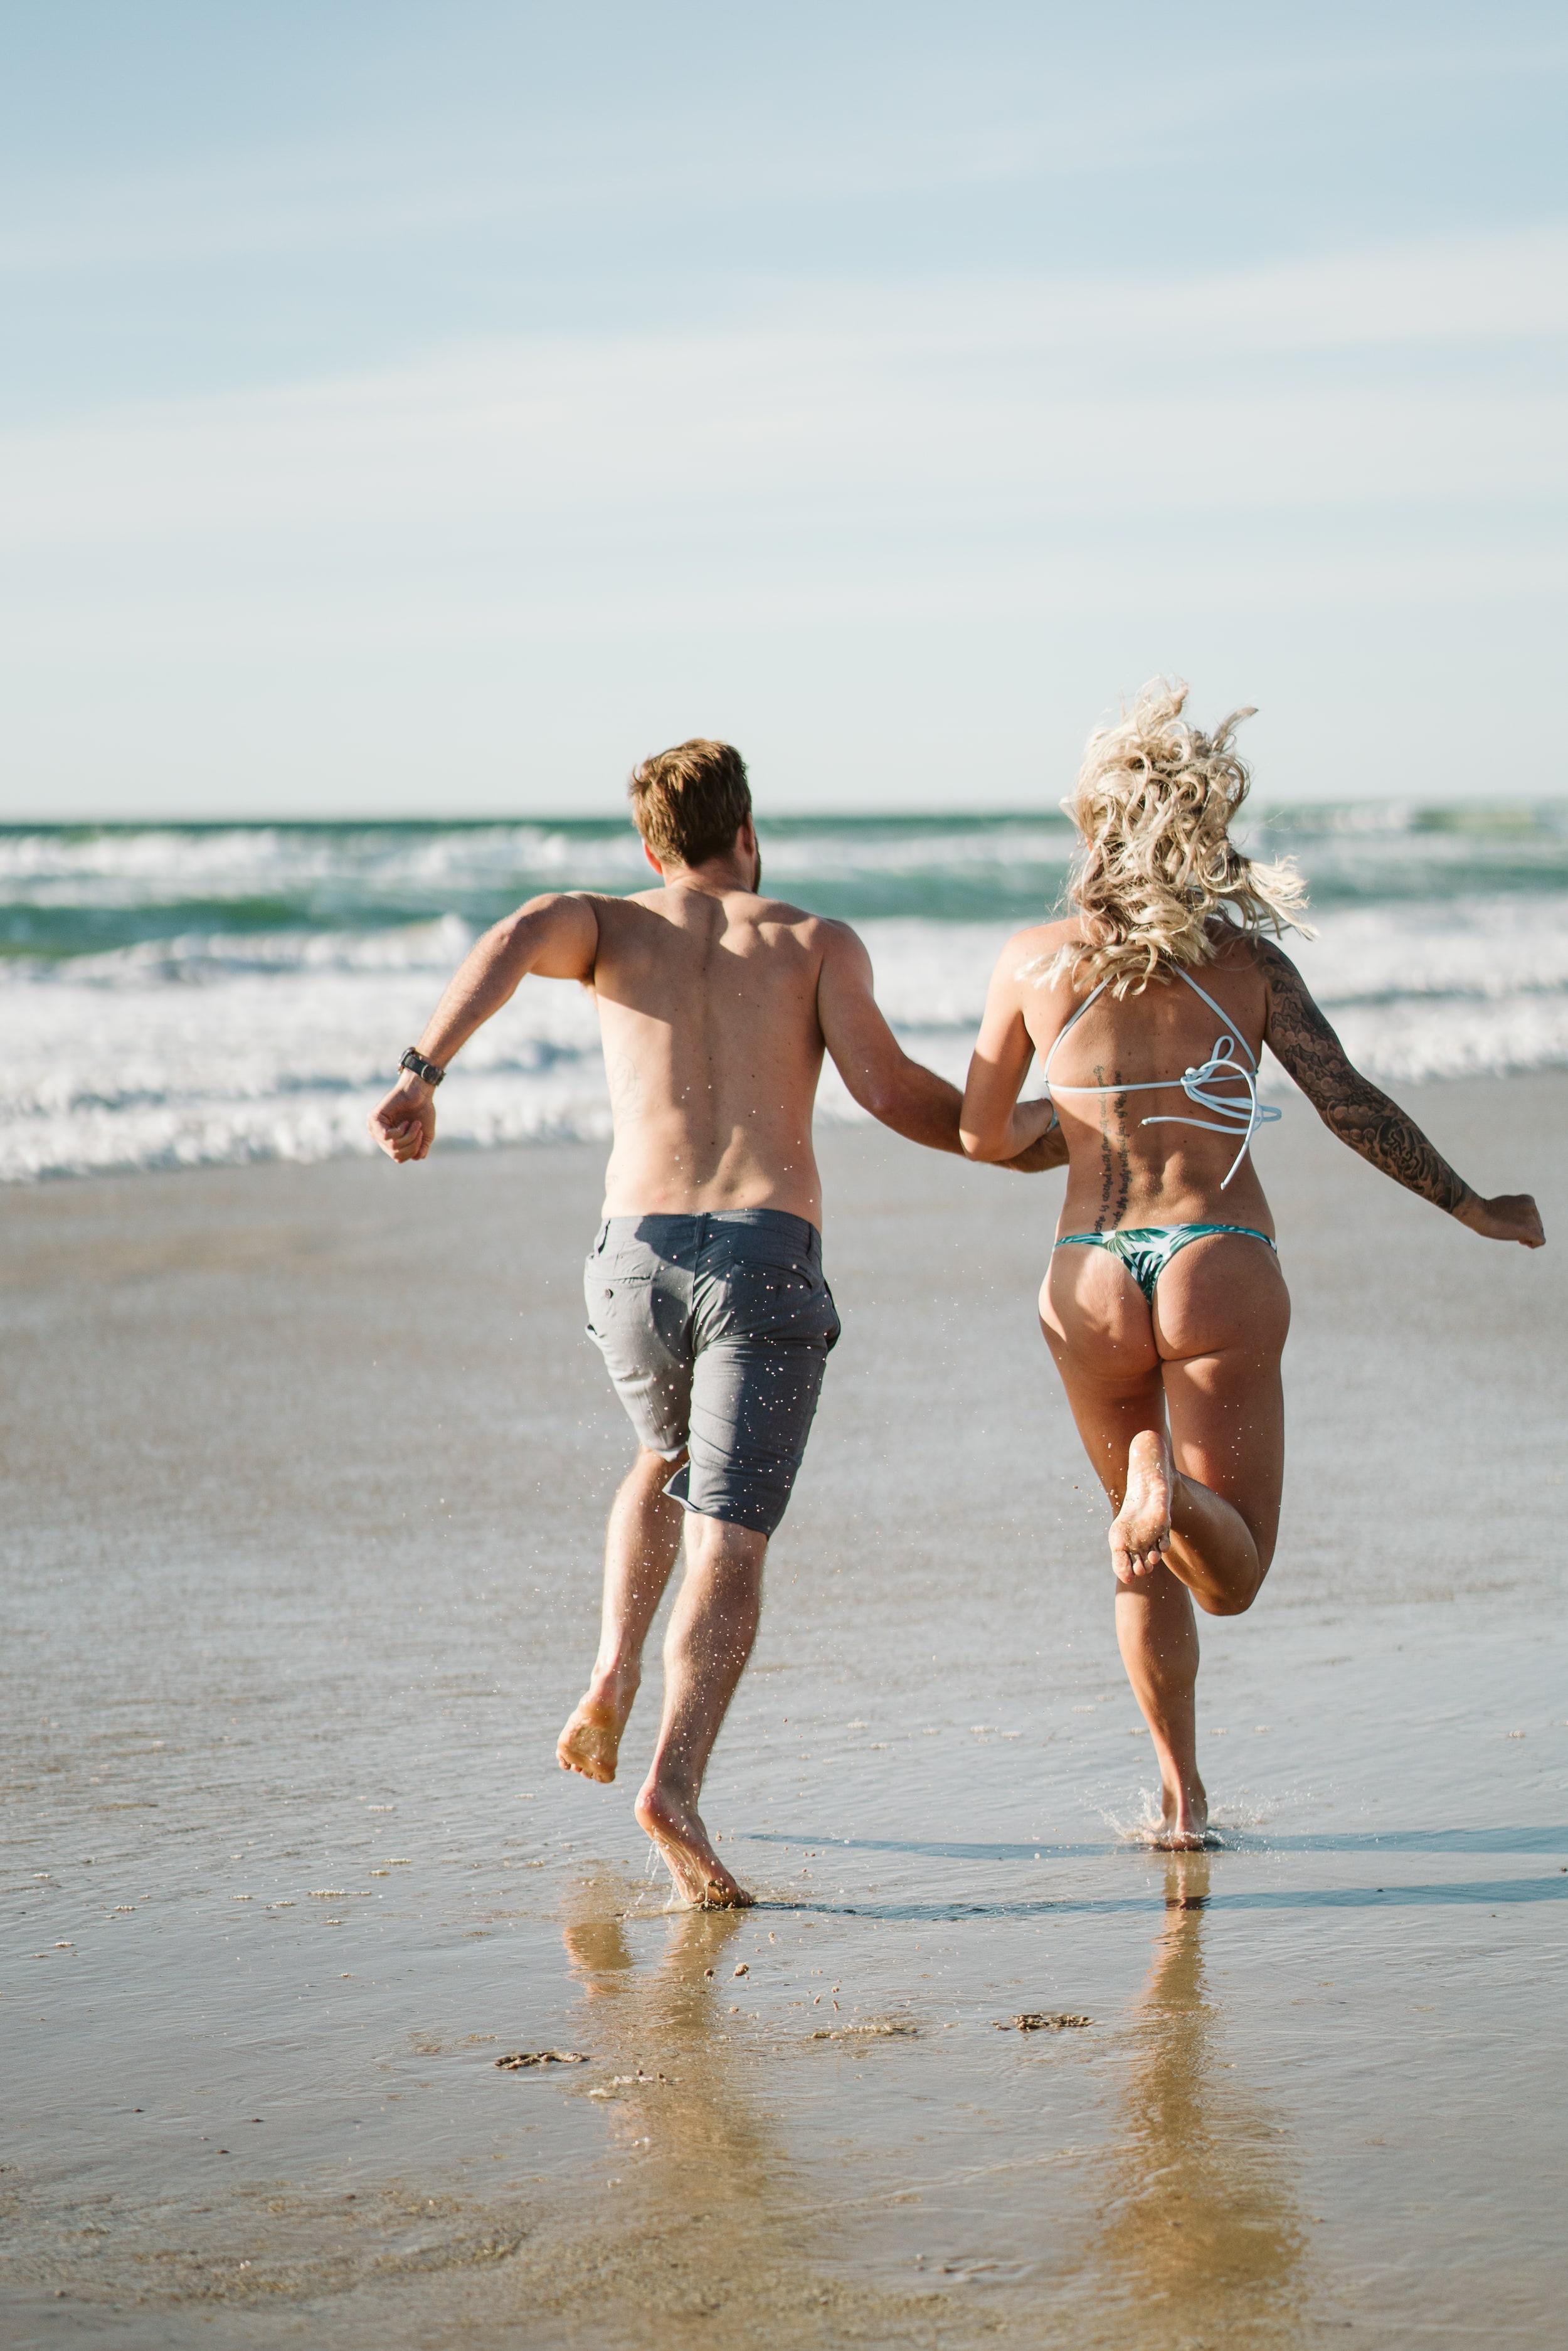 beach-babes-14.jpg